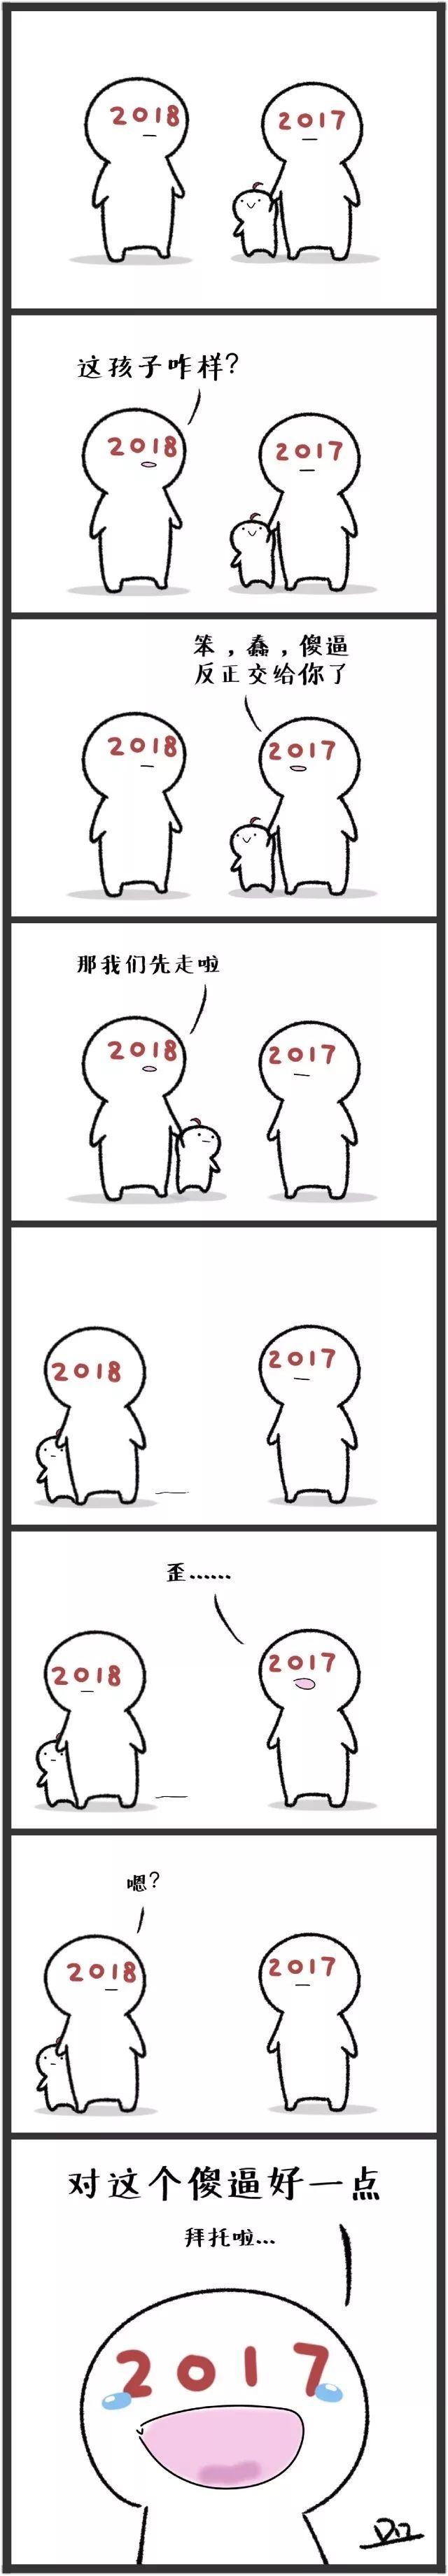 独家 | 老师们,2018年@中国网教育频道,愿你们的愿望都能实现!